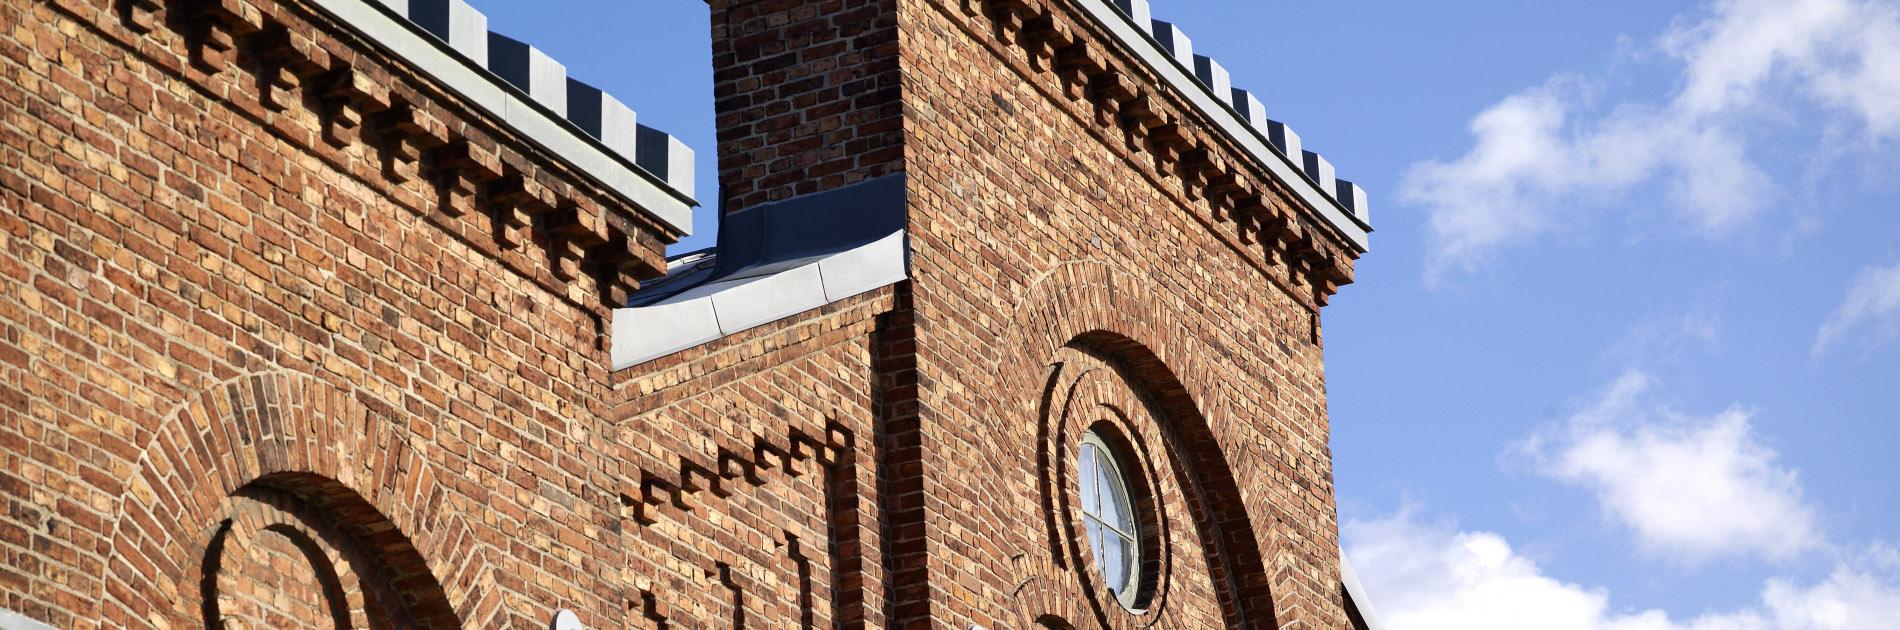 Närbild på Exercishusets röda tegelfasad och tak med tinnar.